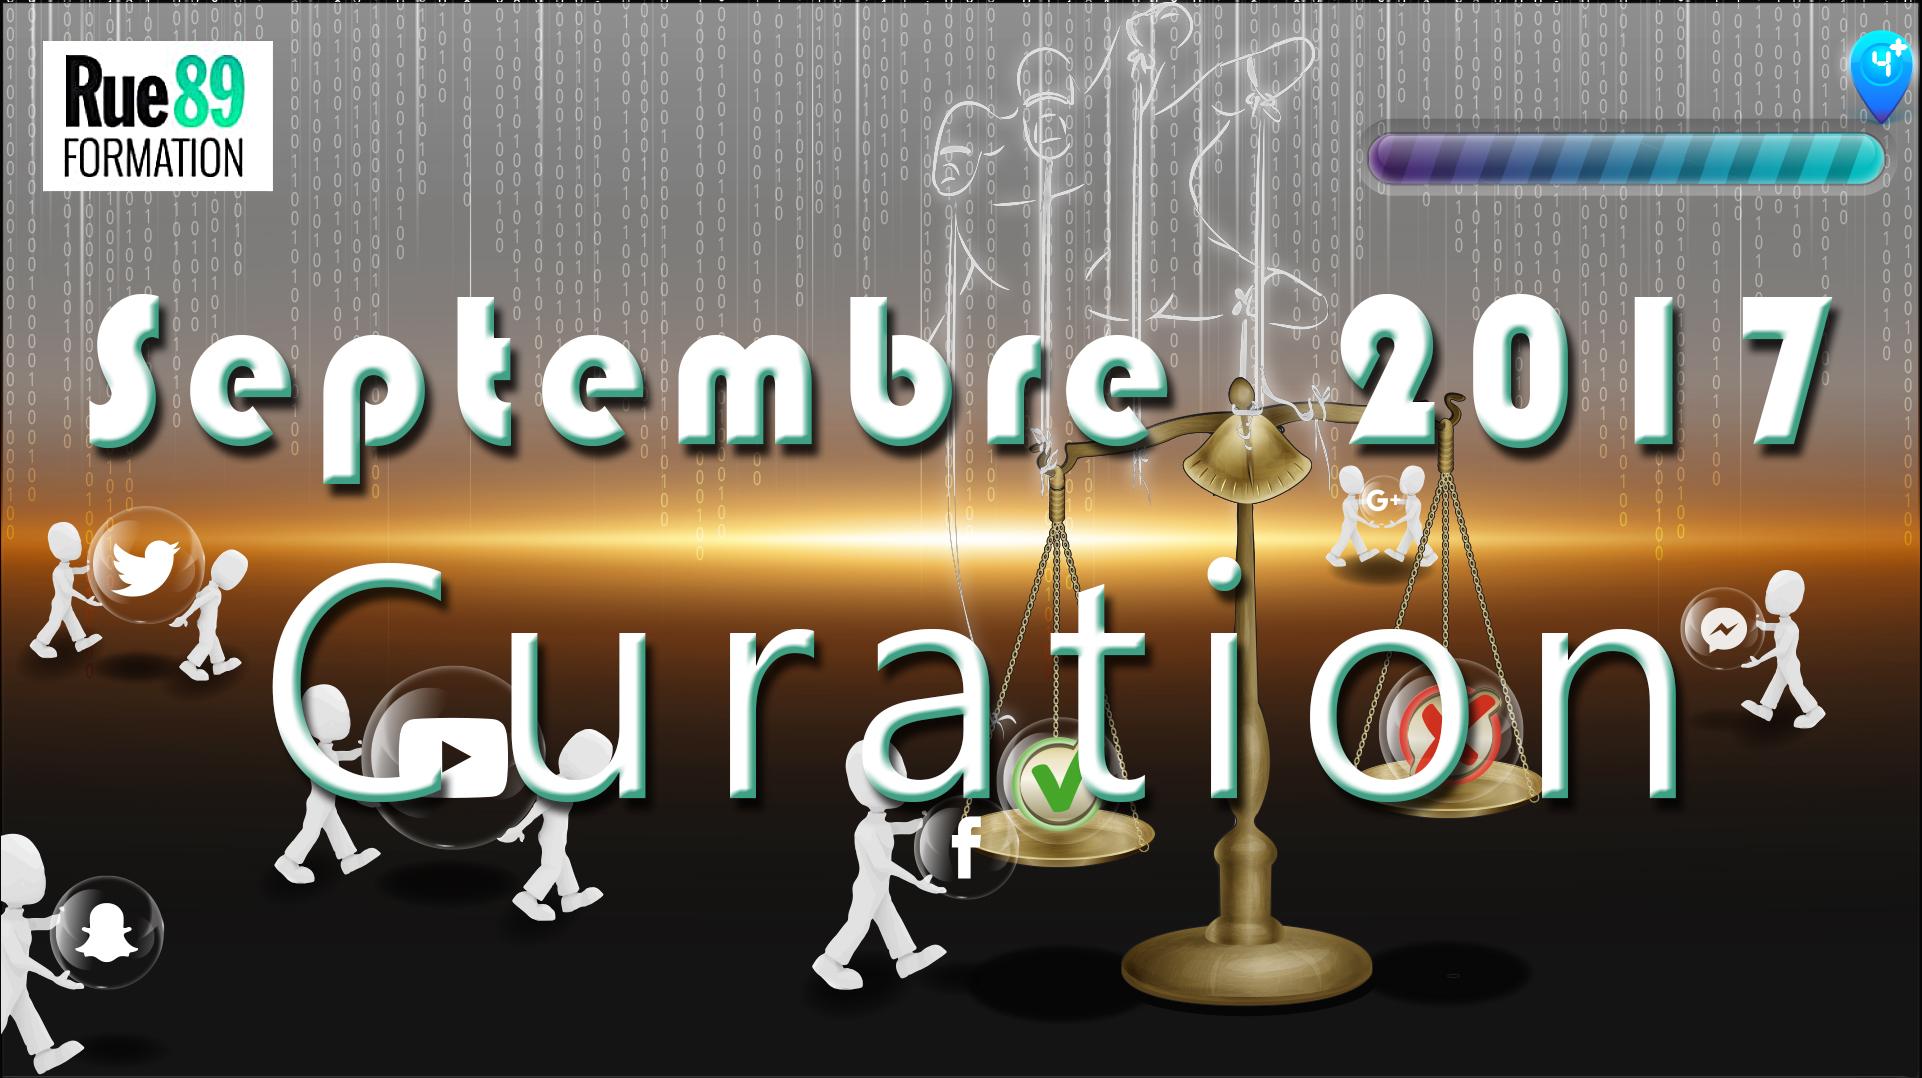 curationseptembre2017_4plus